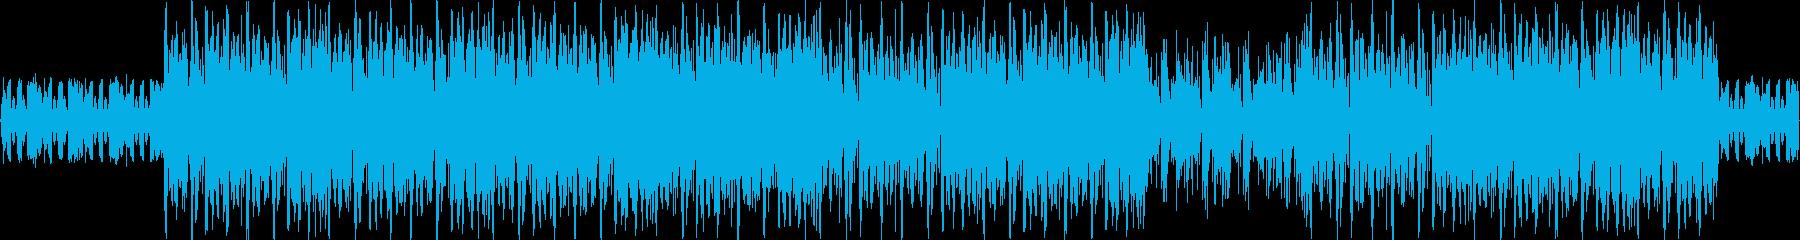 ダークヒップホップ、ダーティーヒーローの再生済みの波形